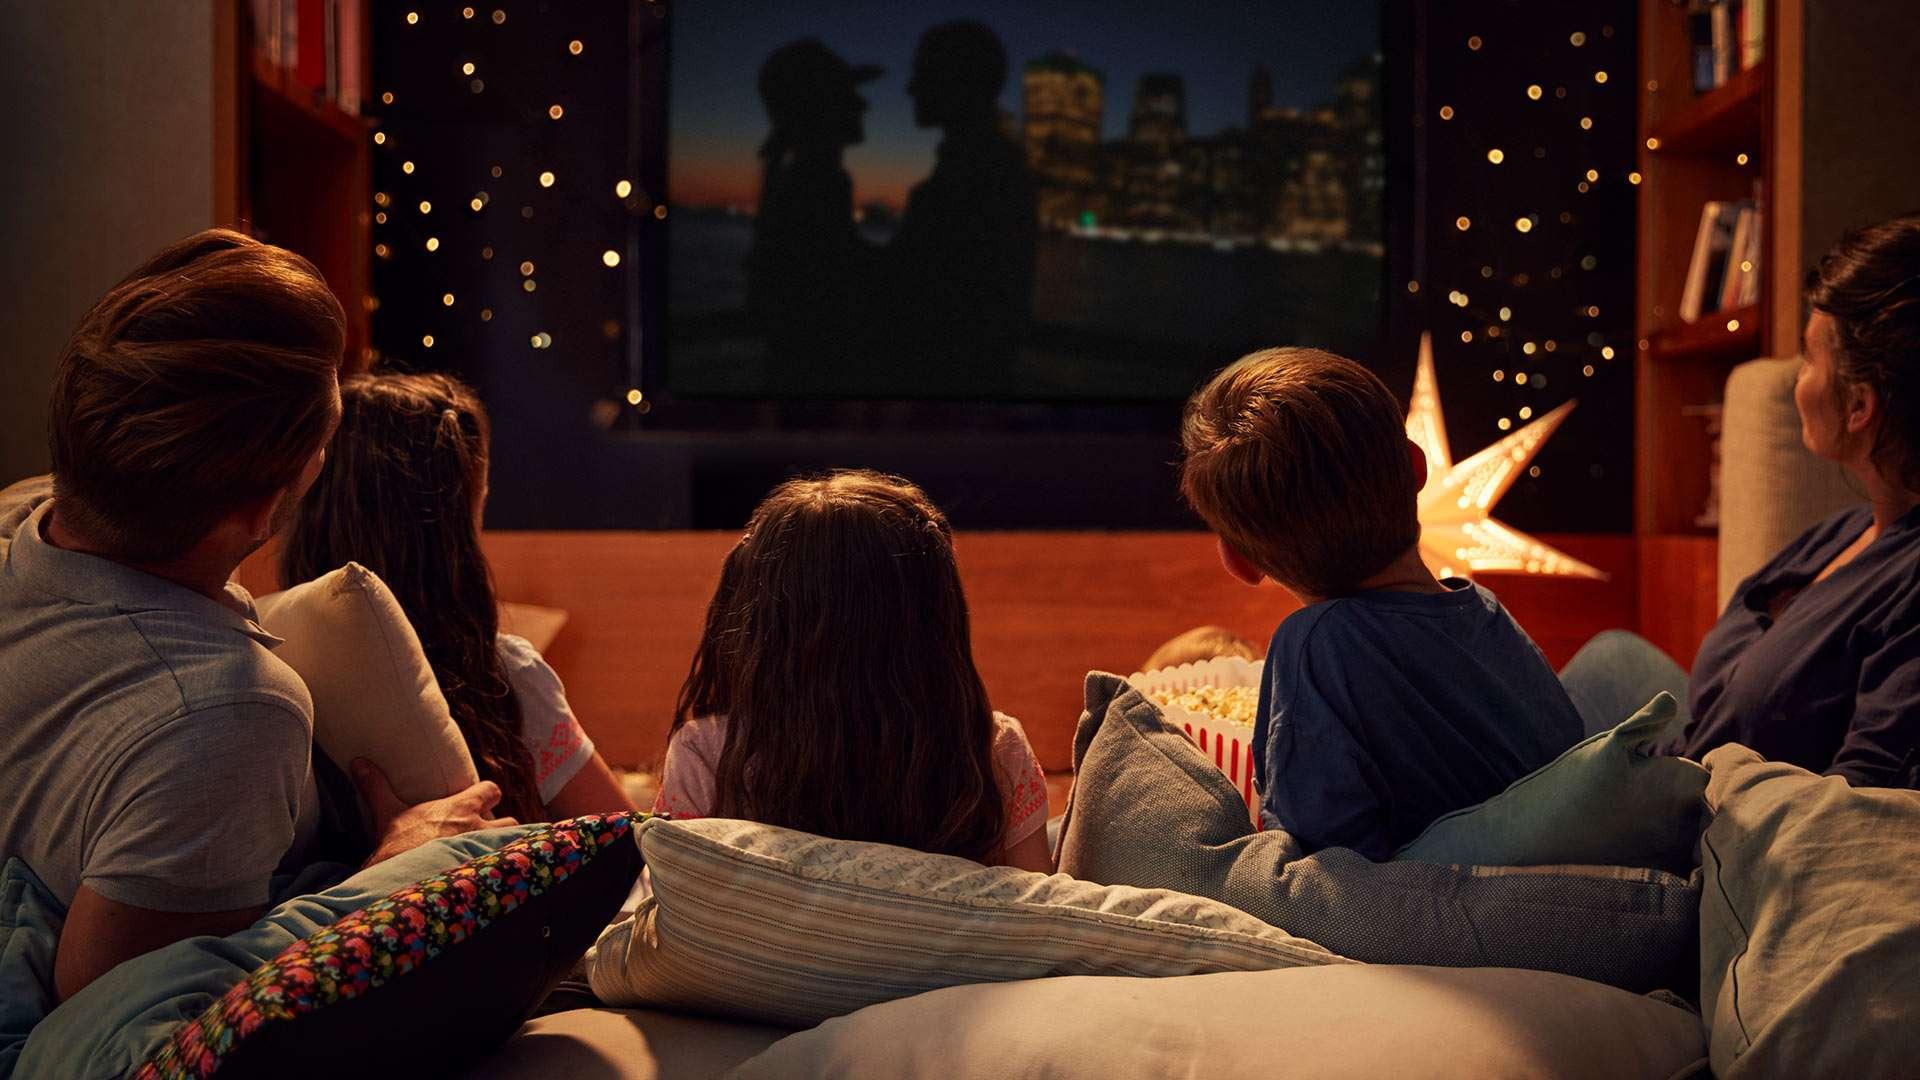 Фильмы, которые можно посмотреть в День Семьи с родными и близкими